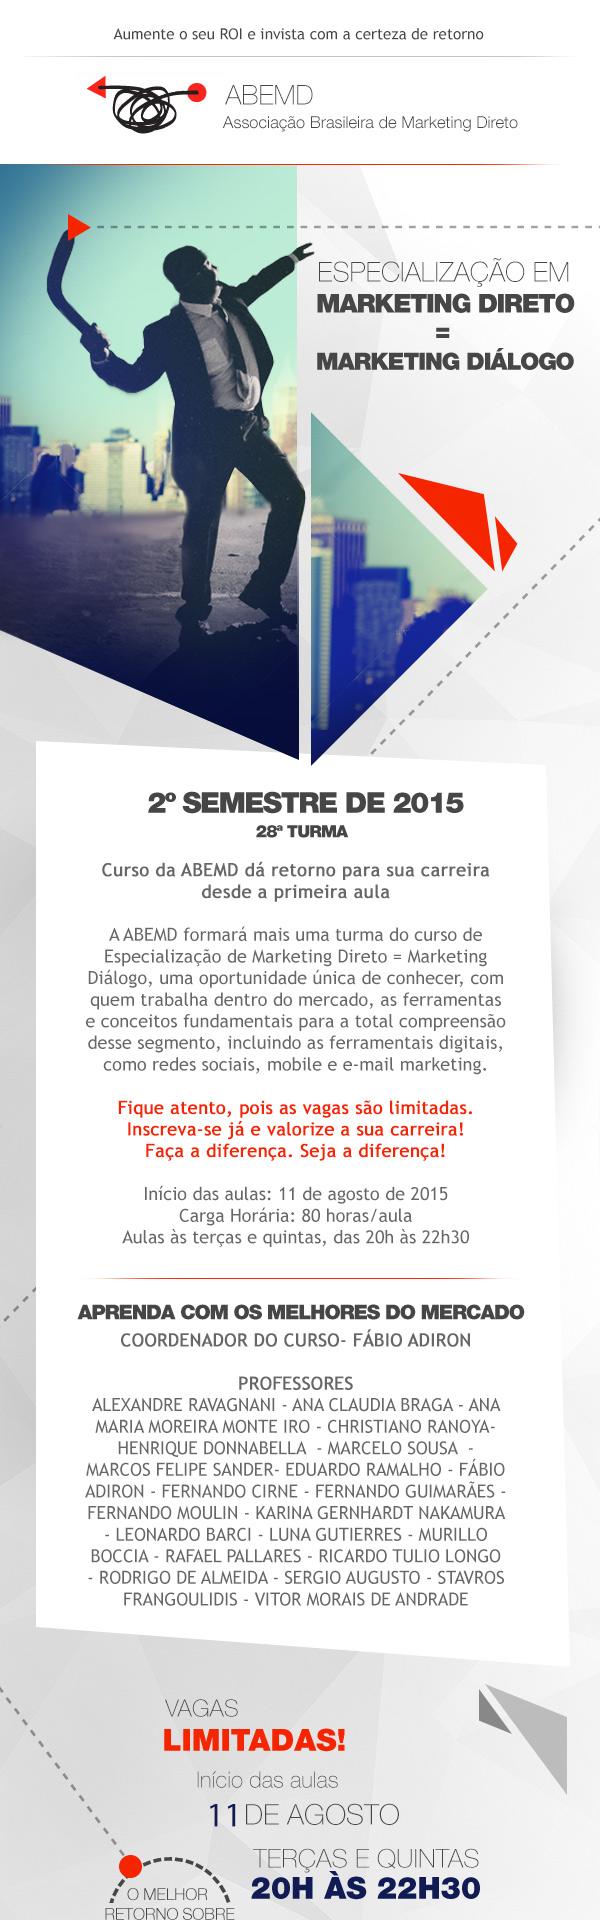 ABEMD-Emkt-Professores_01